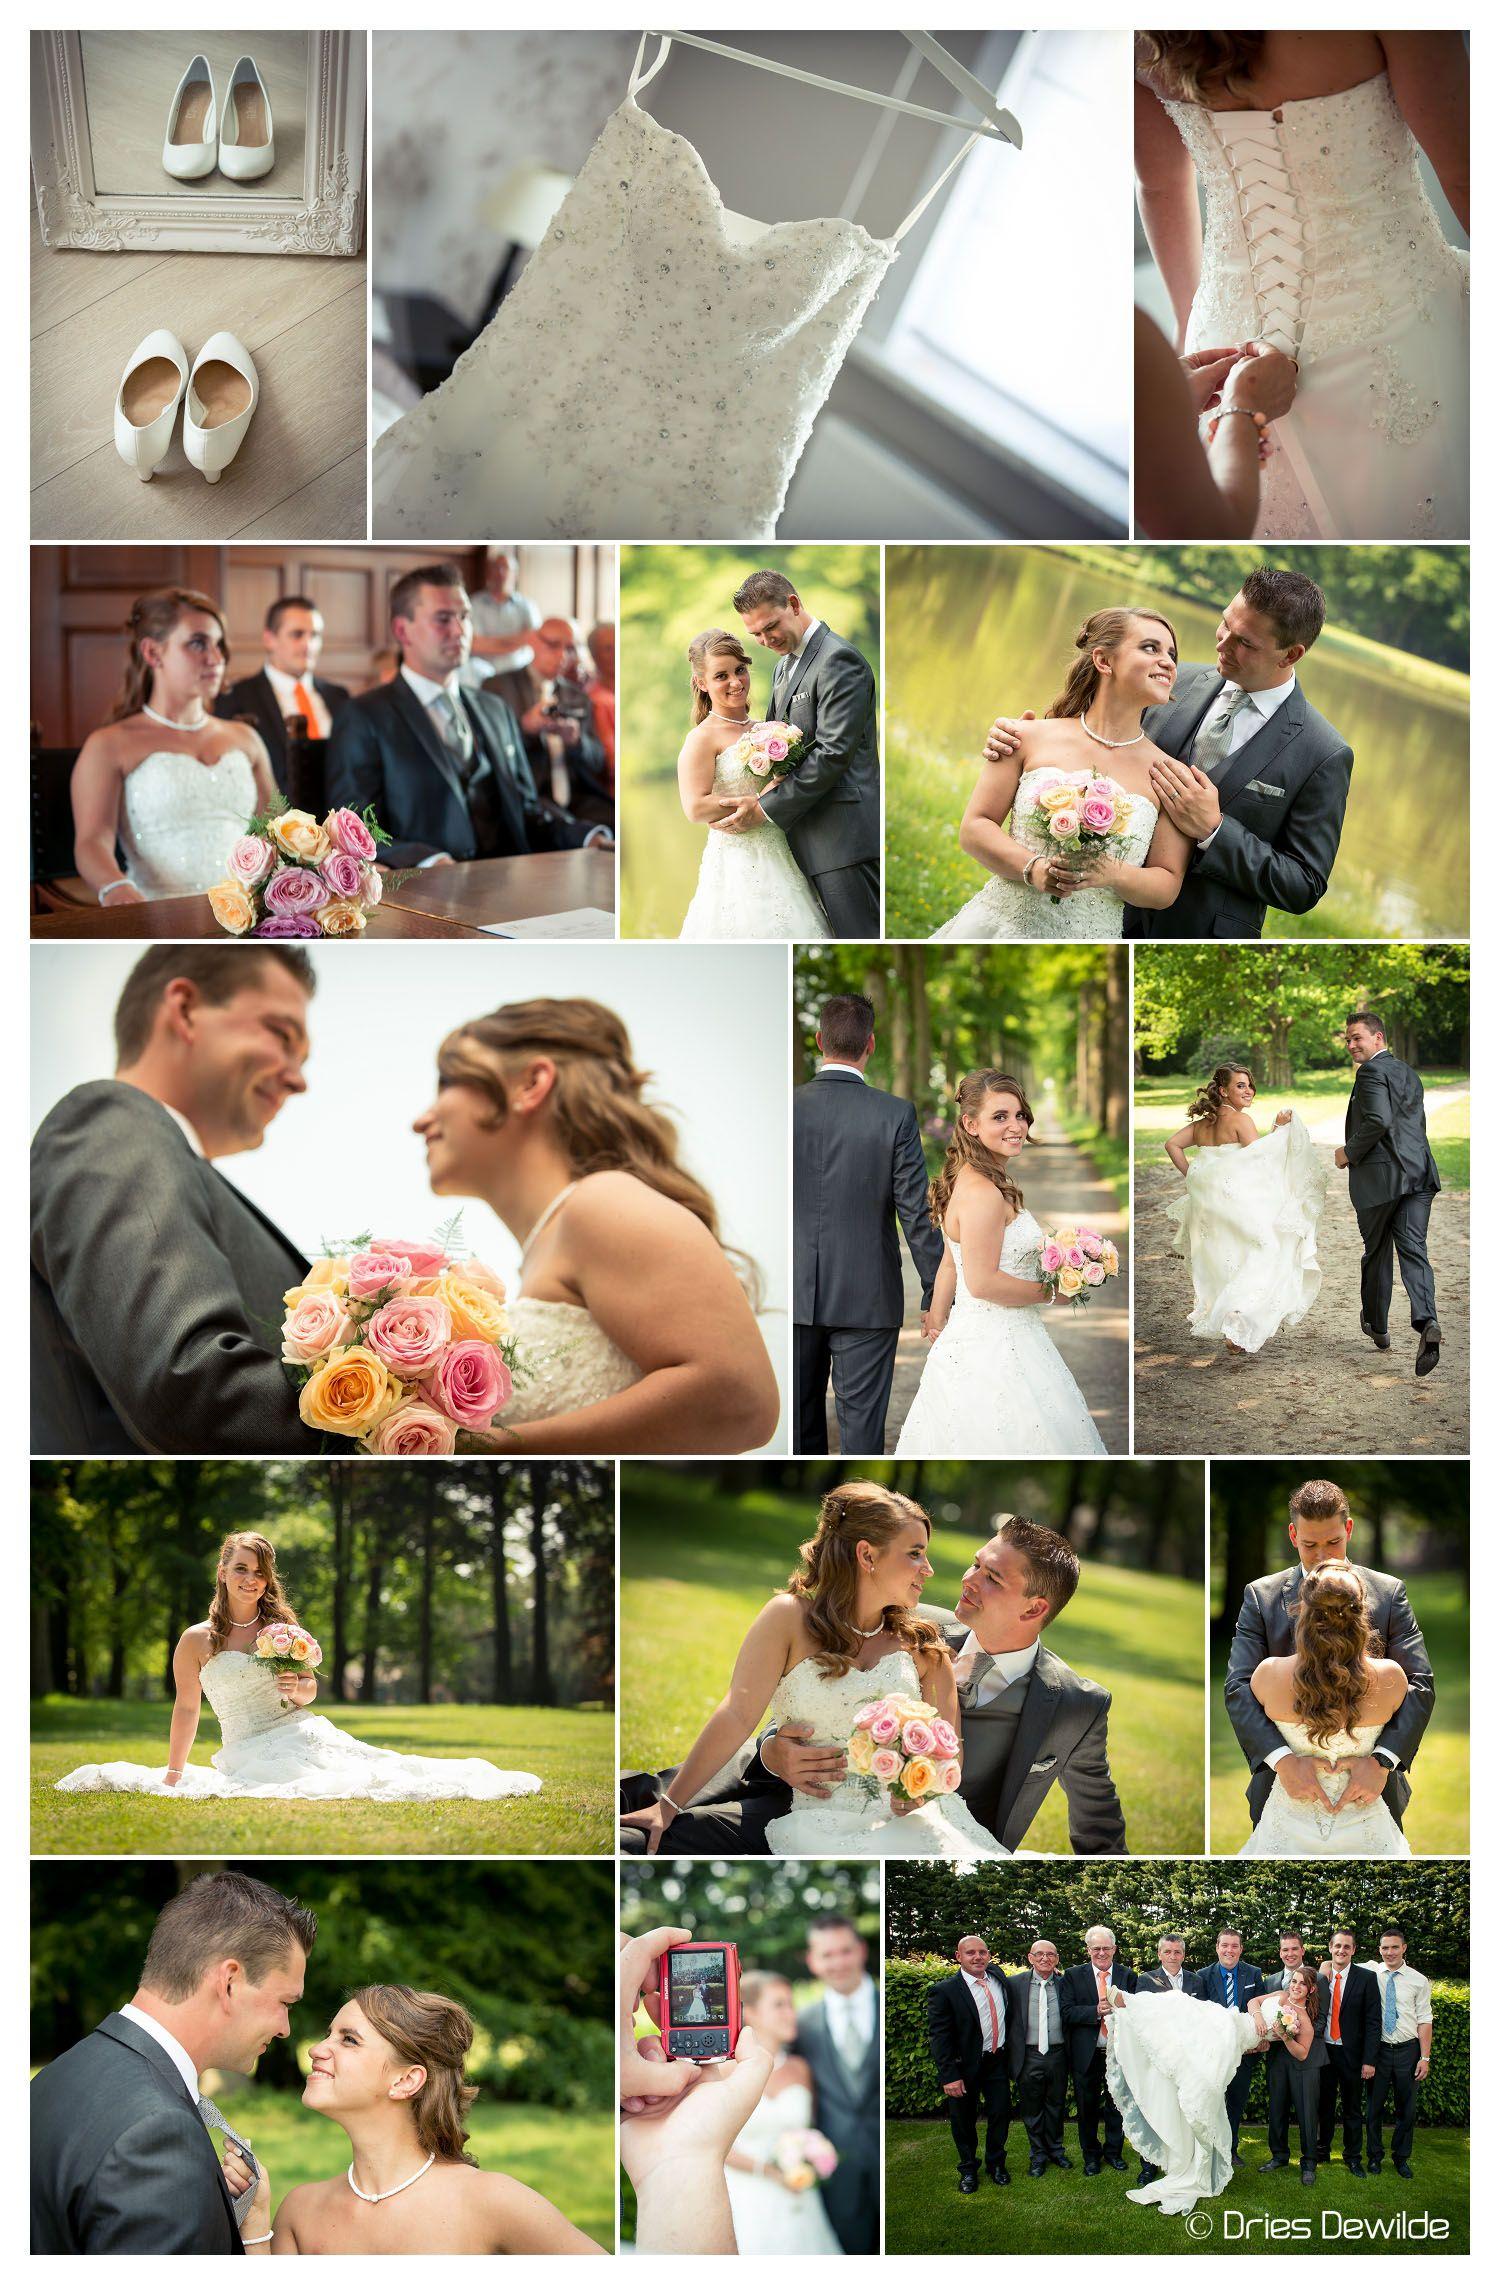 Tany & Mathias  - wedding photography